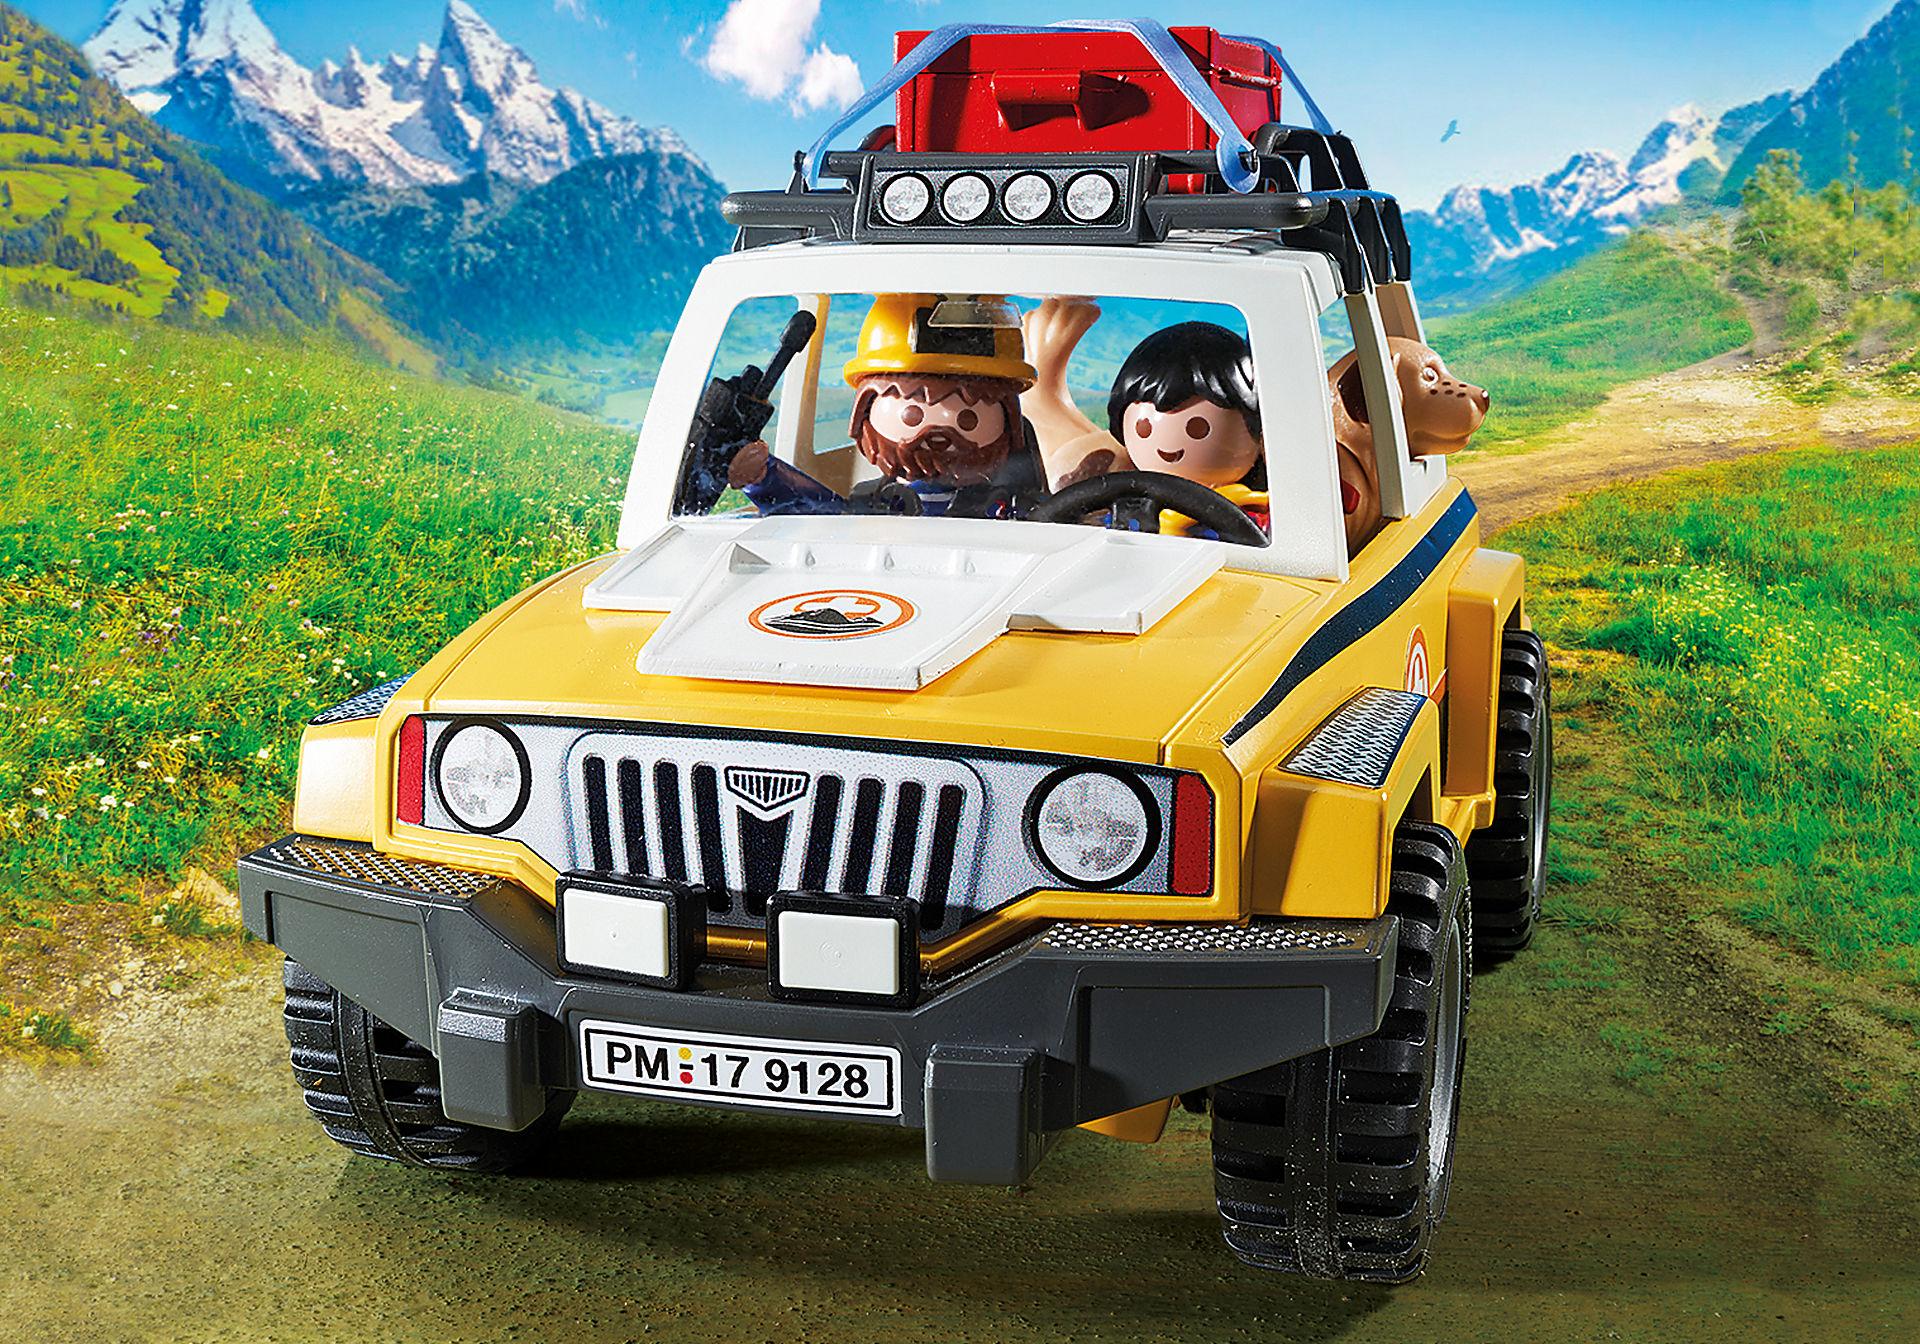 9128 Vehículo de Rescate de Montaña  zoom image6